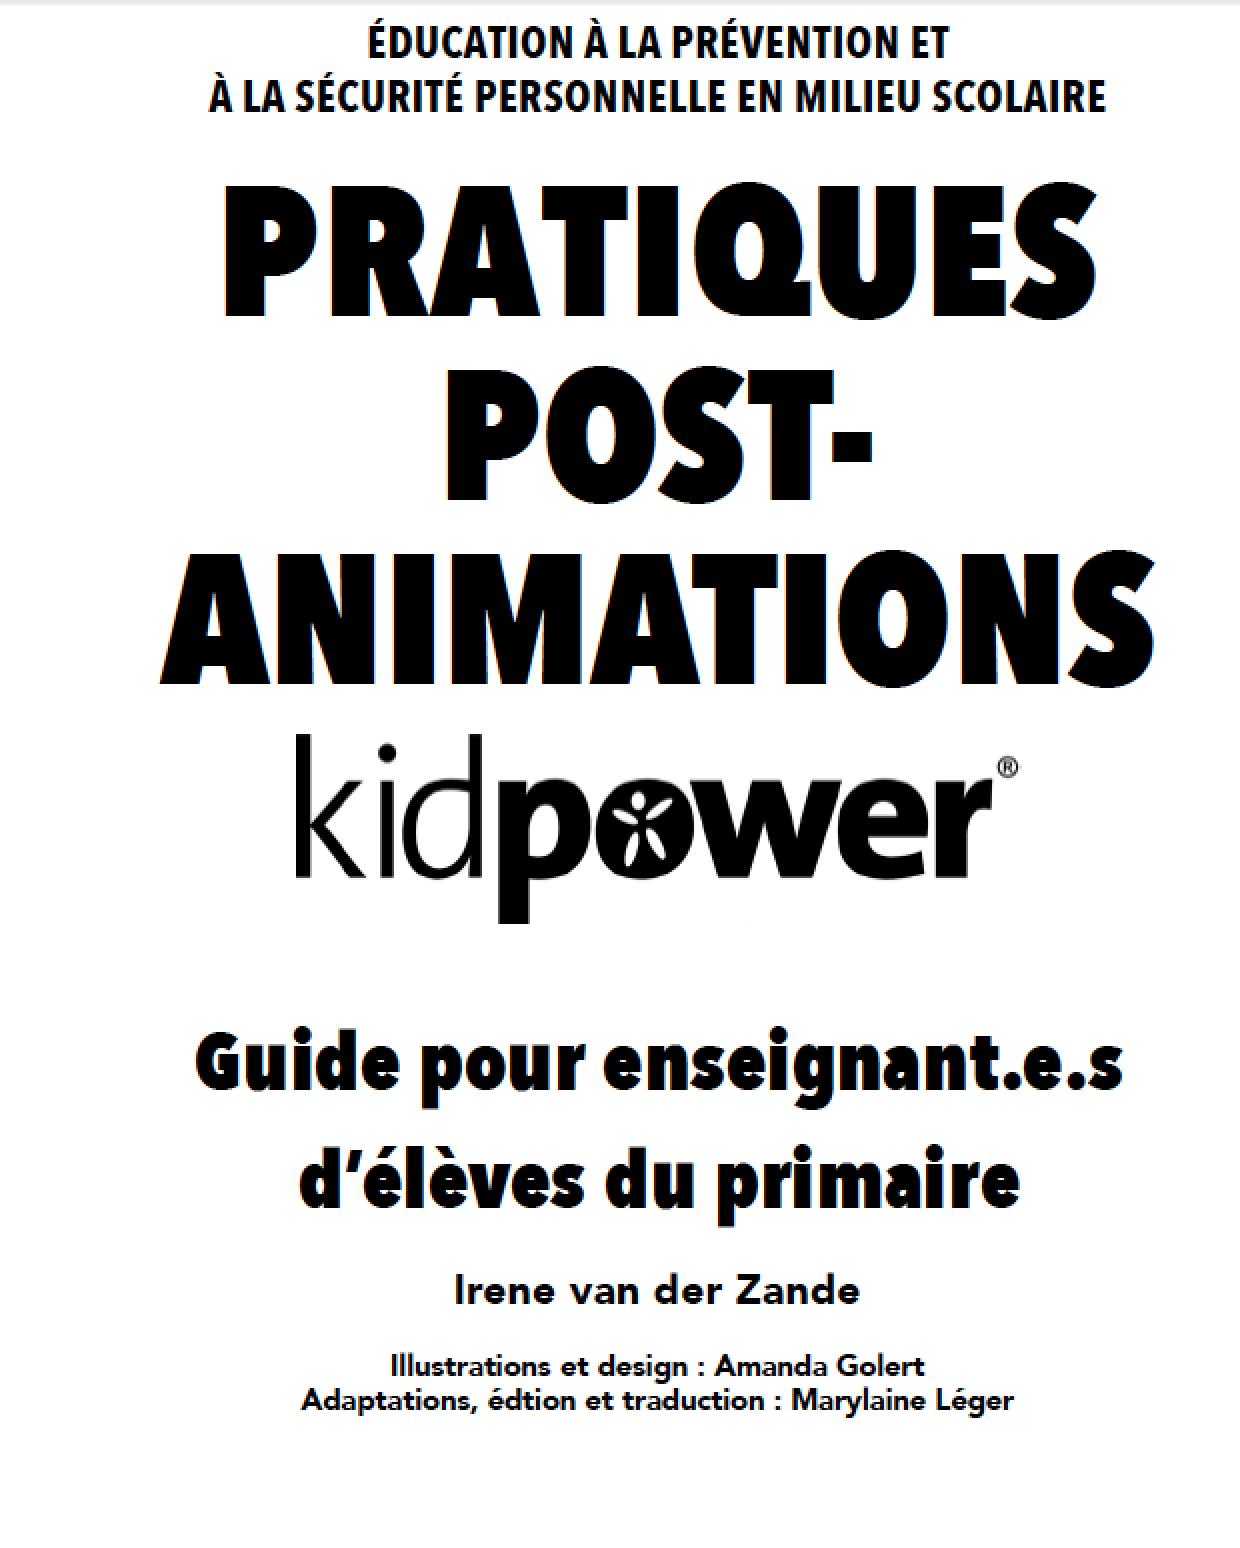 Protégé : Guide des pratiques en classe – post-animations Kidpower